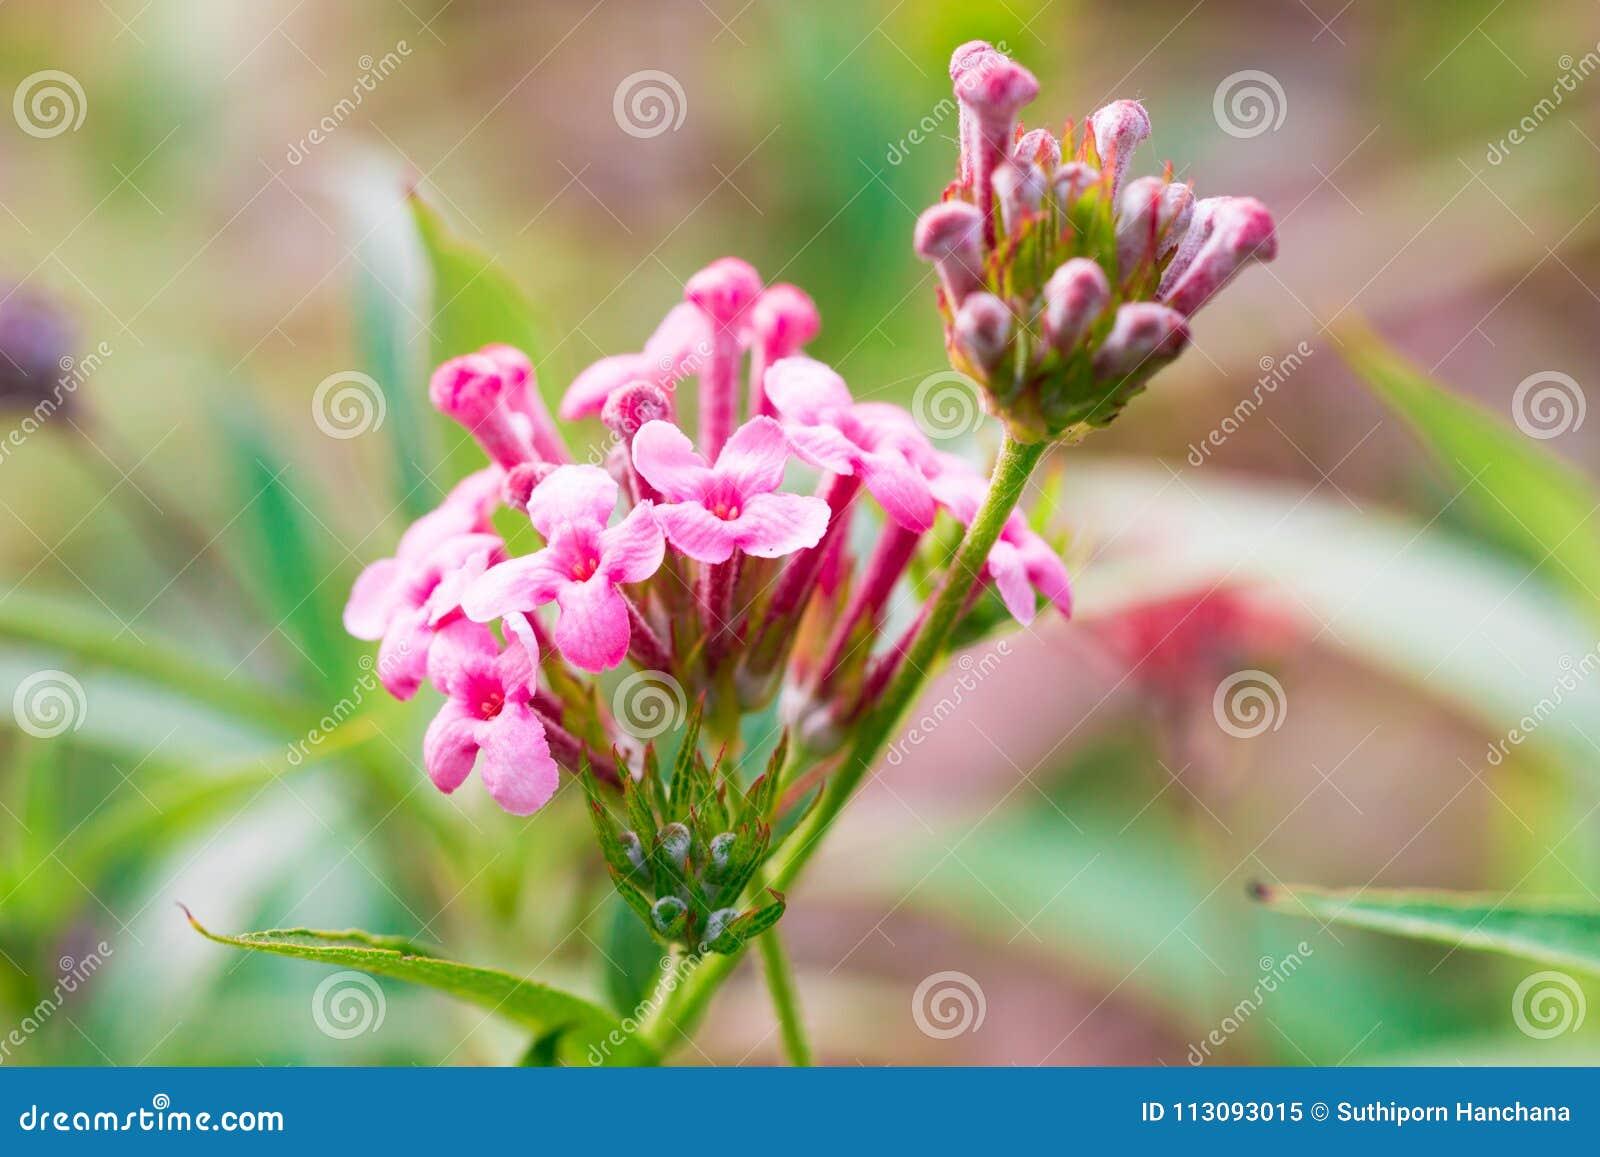 Verveine rose, été d isolat de fleur de désambiguisation au printemps